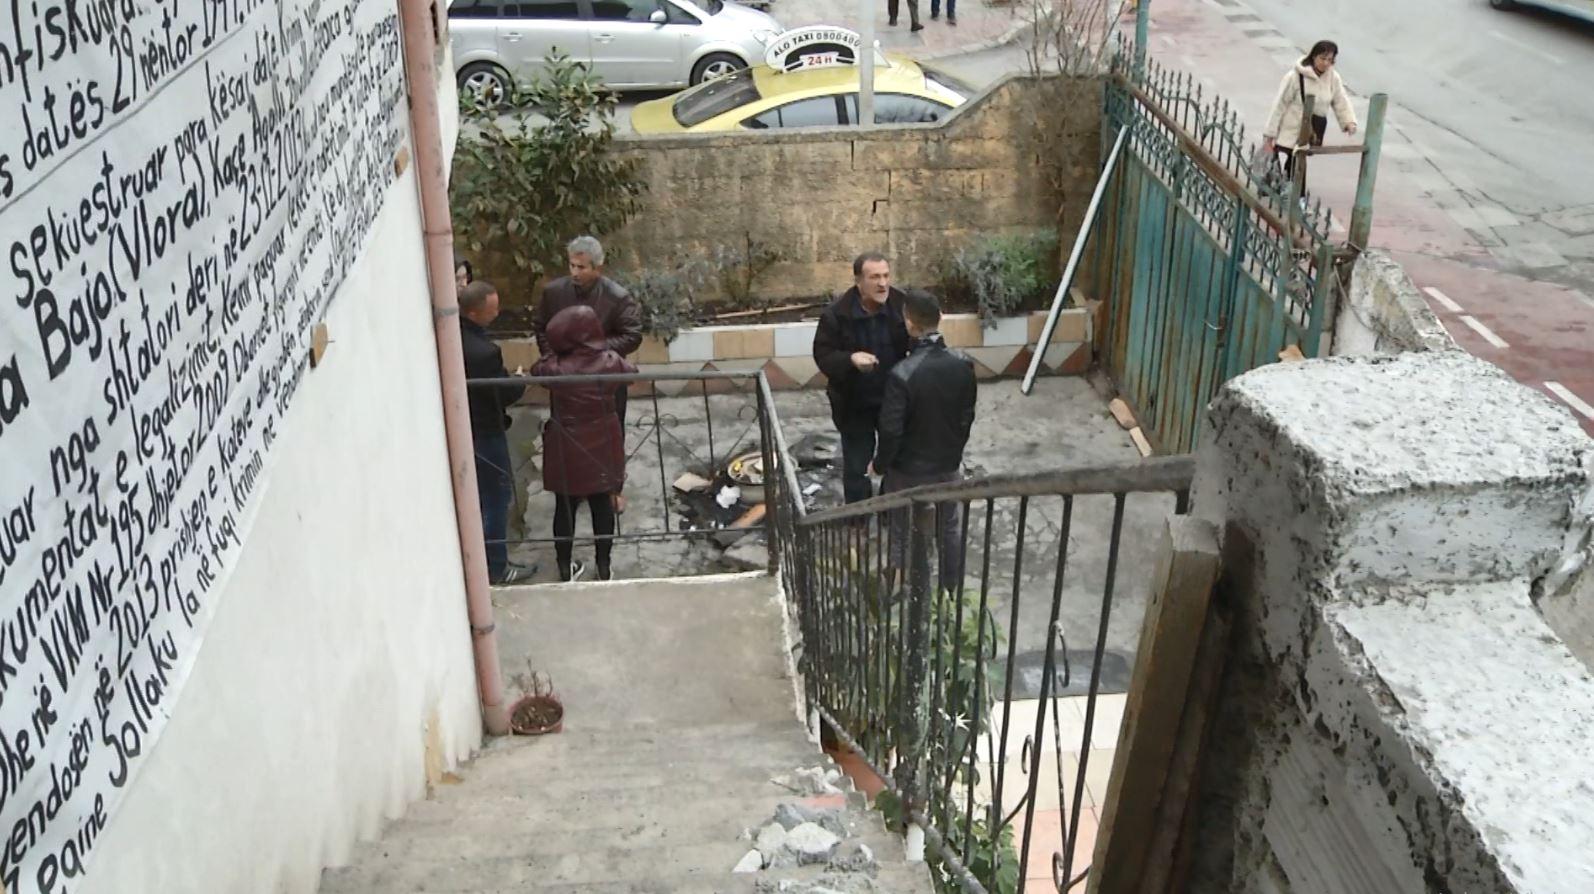 Konflikti për pronën në Tiranë, banorët padisin përmbaruesin